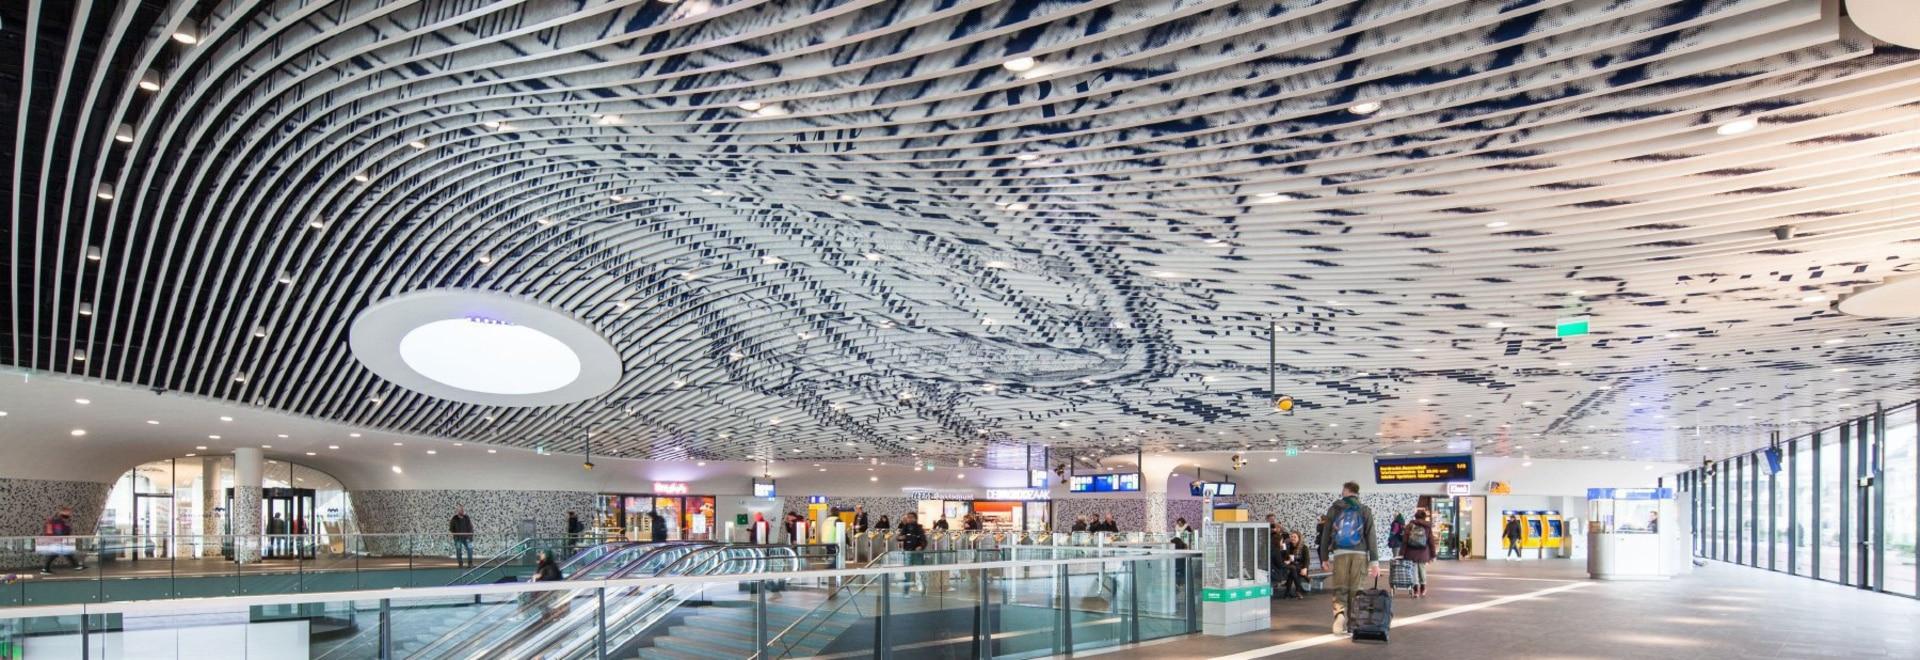 il mecanoo completa il comune di Delft ed il complesso della stazione ferroviaria